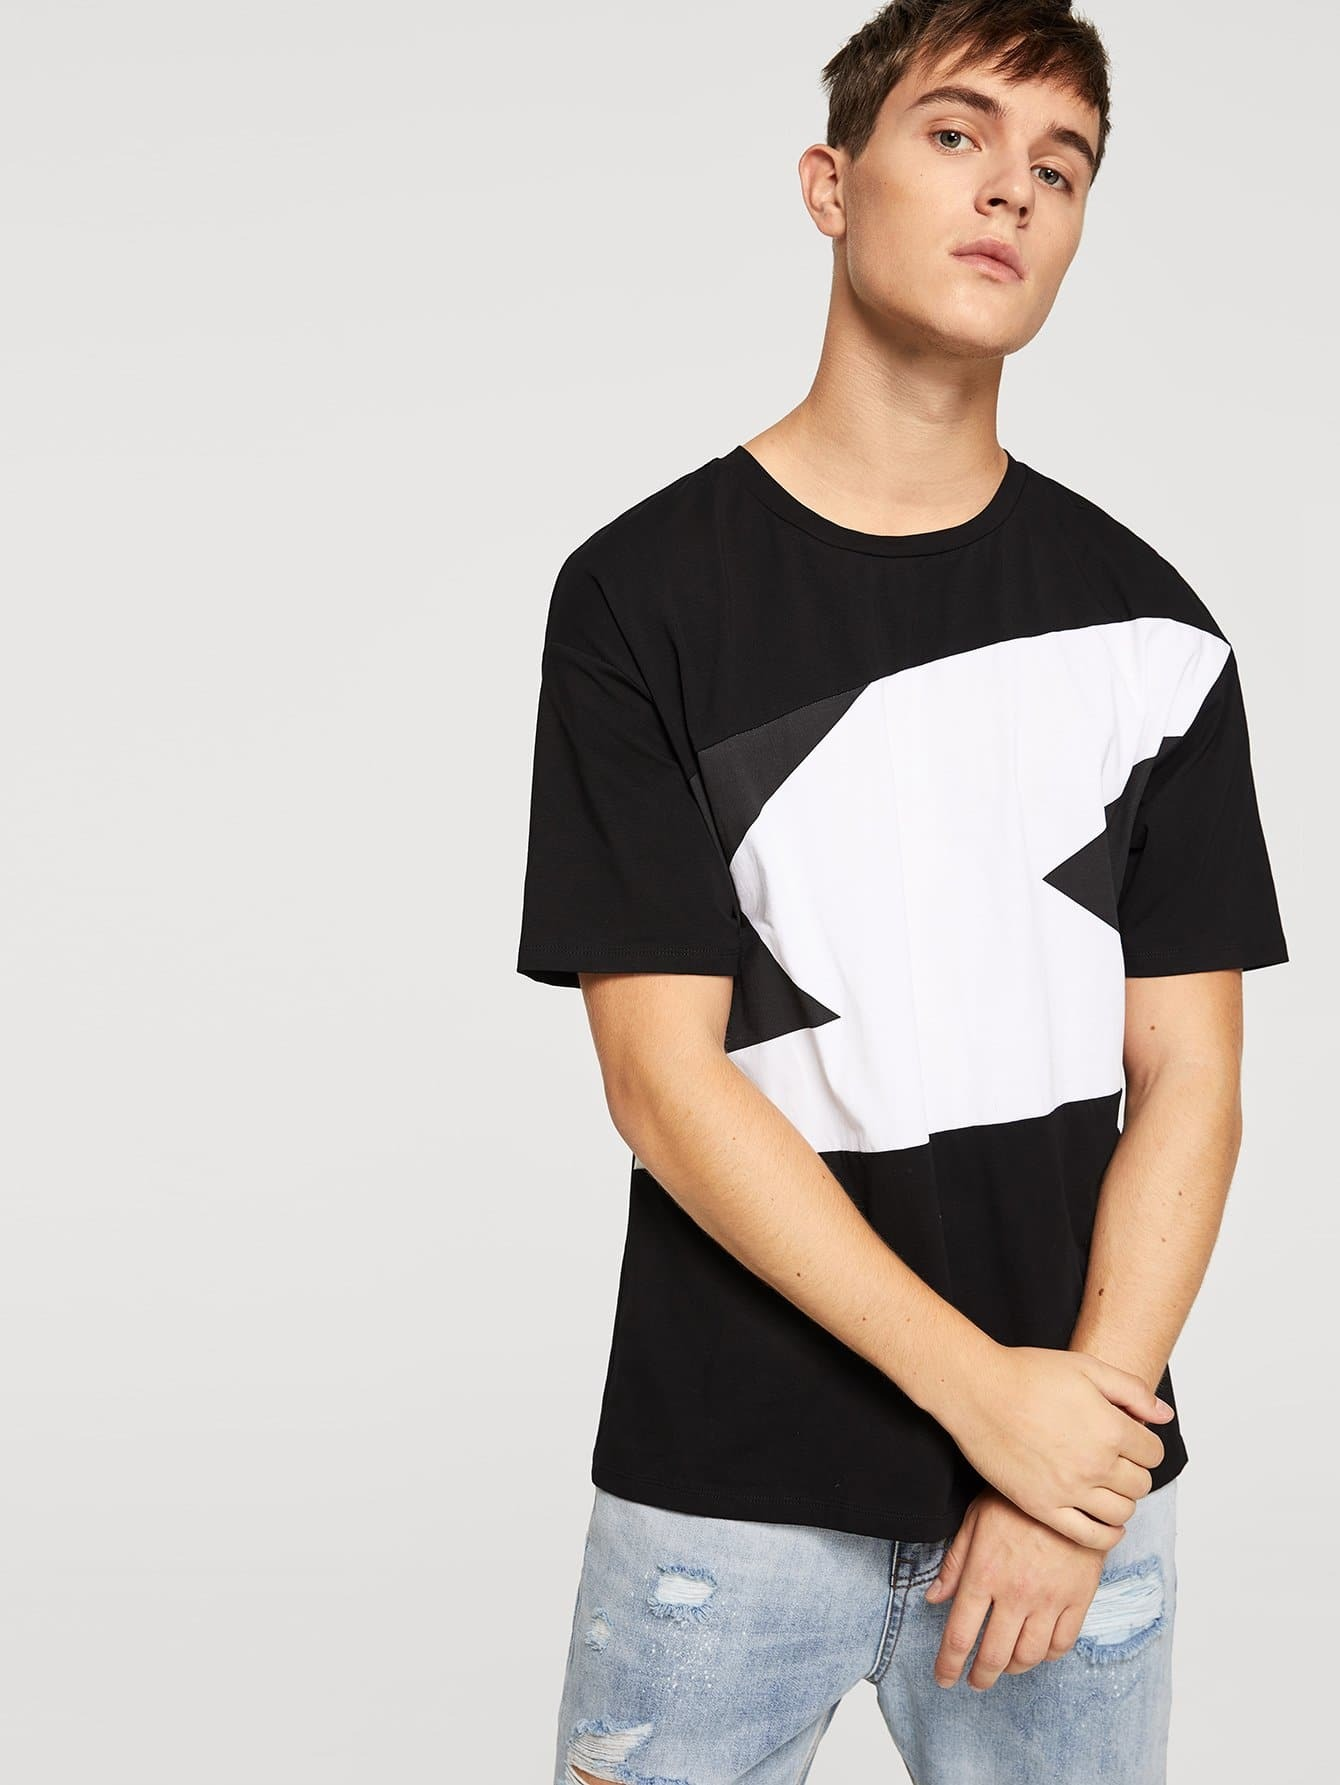 Купить Контрастная длинная футболка для мужчины, Vitaly, SheIn